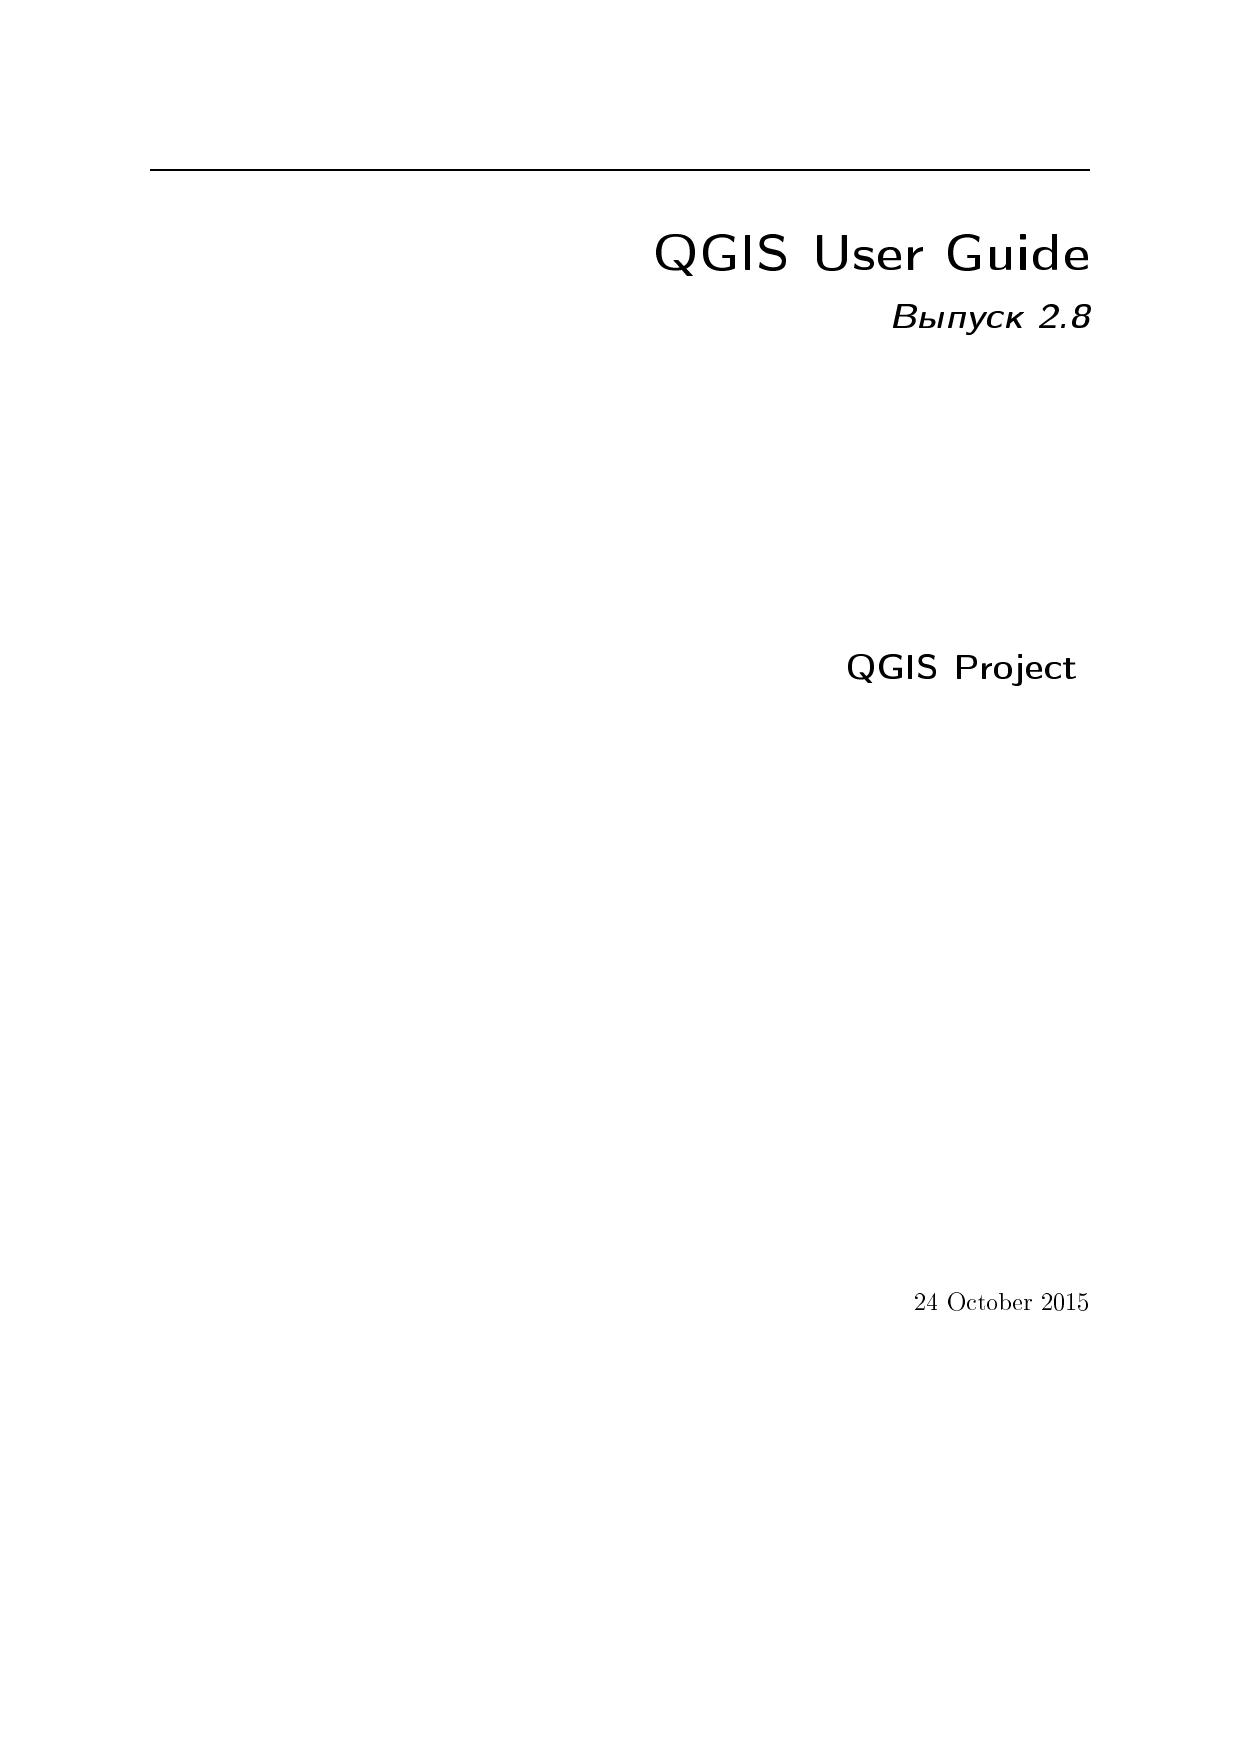 QGIS 2.8.7